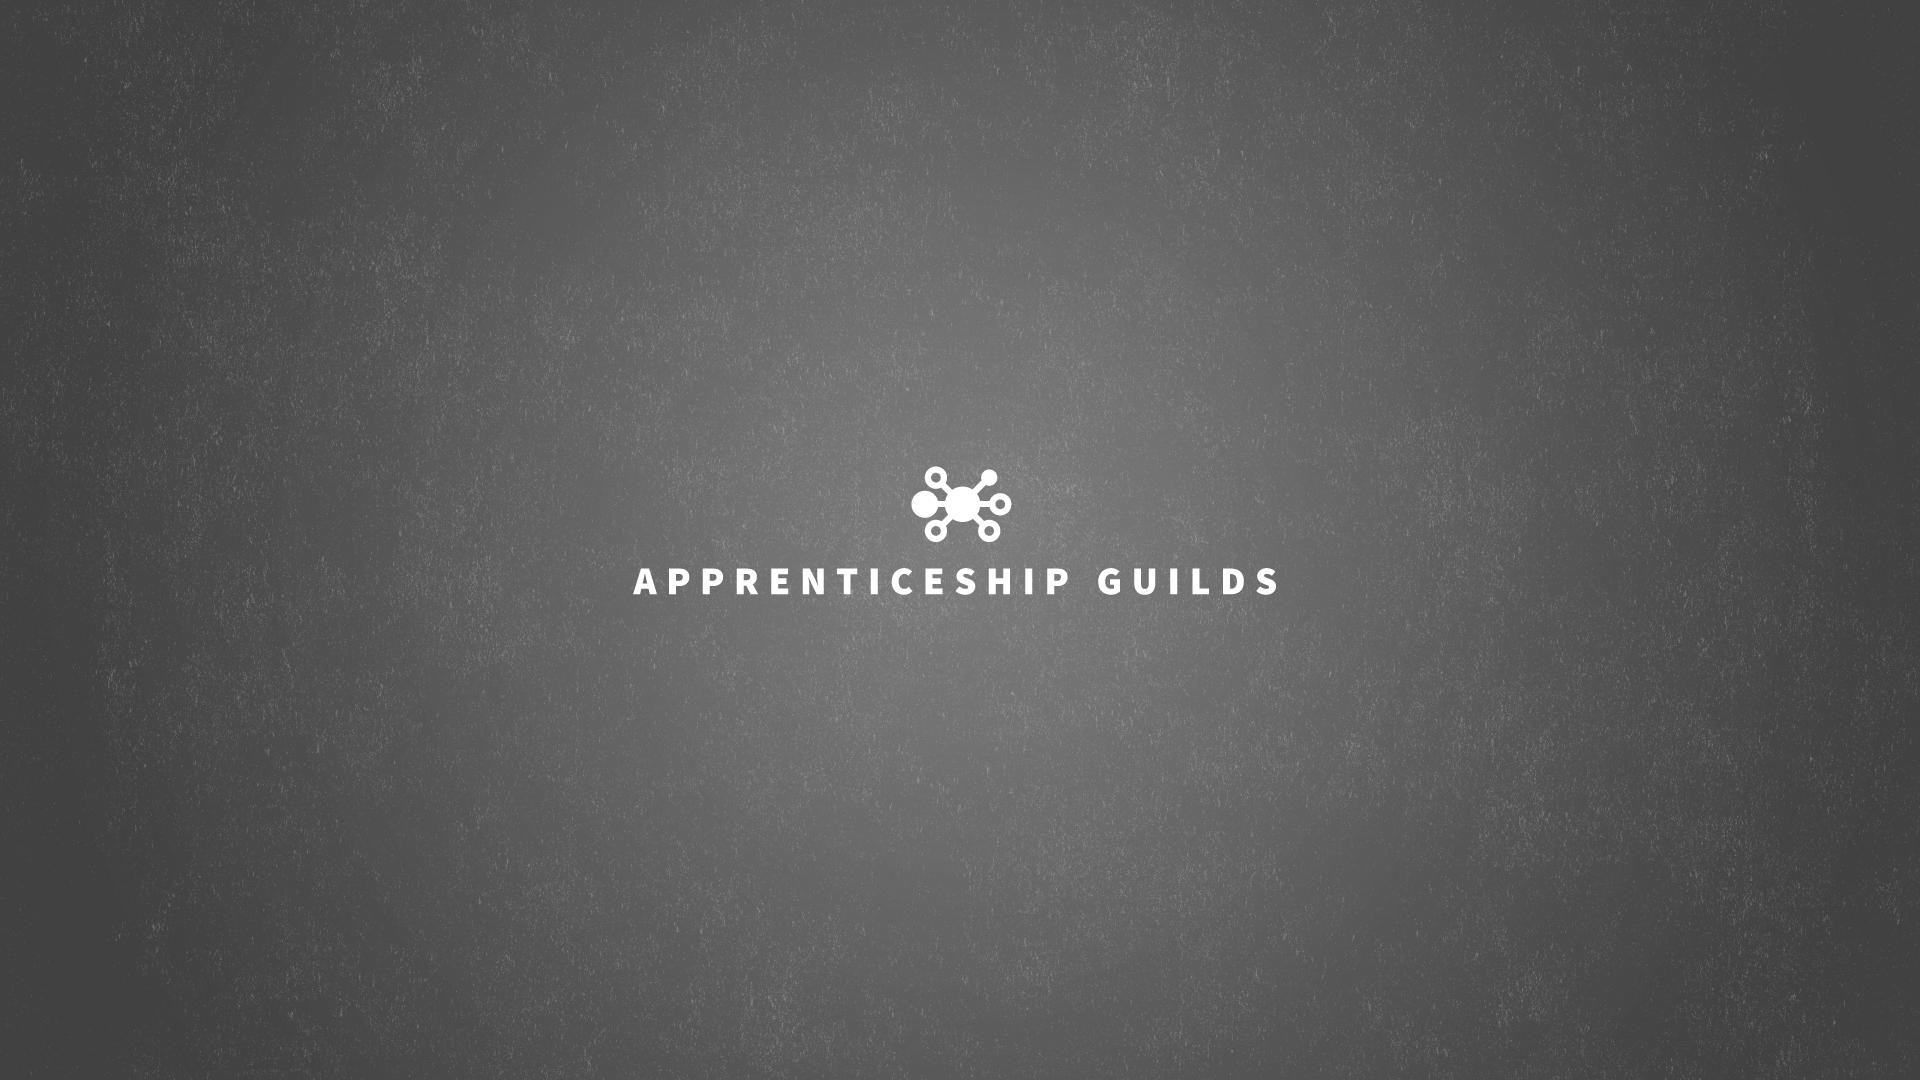 Apprenticeship-Guilds-Slide-Centered.png